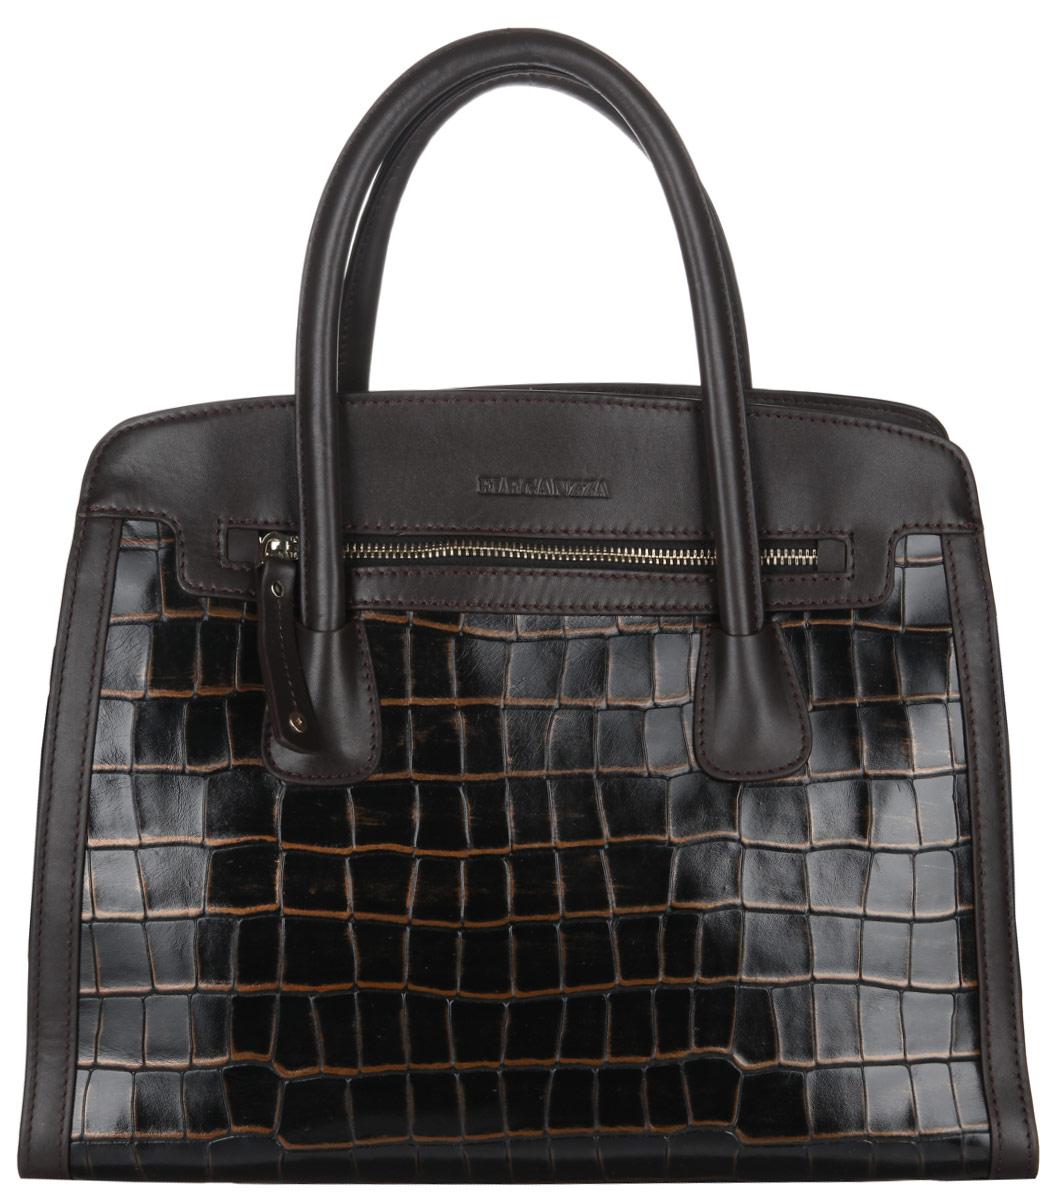 Сумка женская Eleganzza, цвет: темно-коричневый. Z268-5348Z268-5348Стильная женская сумка Eleganzza выполнена из натуральной кожи с тиснением под крокодила. Изделие имеет одно основное отделение, закрывающееся на застежку-молнию. Внутри находятся два накладных открытых кармана и прорезной карман на застежке-молнии. Снаружи, на передней и задней стенках предусмотрены прорезные карманы на застежках-молниях. Сумка оснащена удобными ручками. В комплект входит съемный плечевой ремень регулируемой длины. Основание сумки защищено от повреждений металлическими ножками. Изделие упаковано в фирменный чехол. Стильная сумка Eleganzza прекрасно дополнит ваш образ.